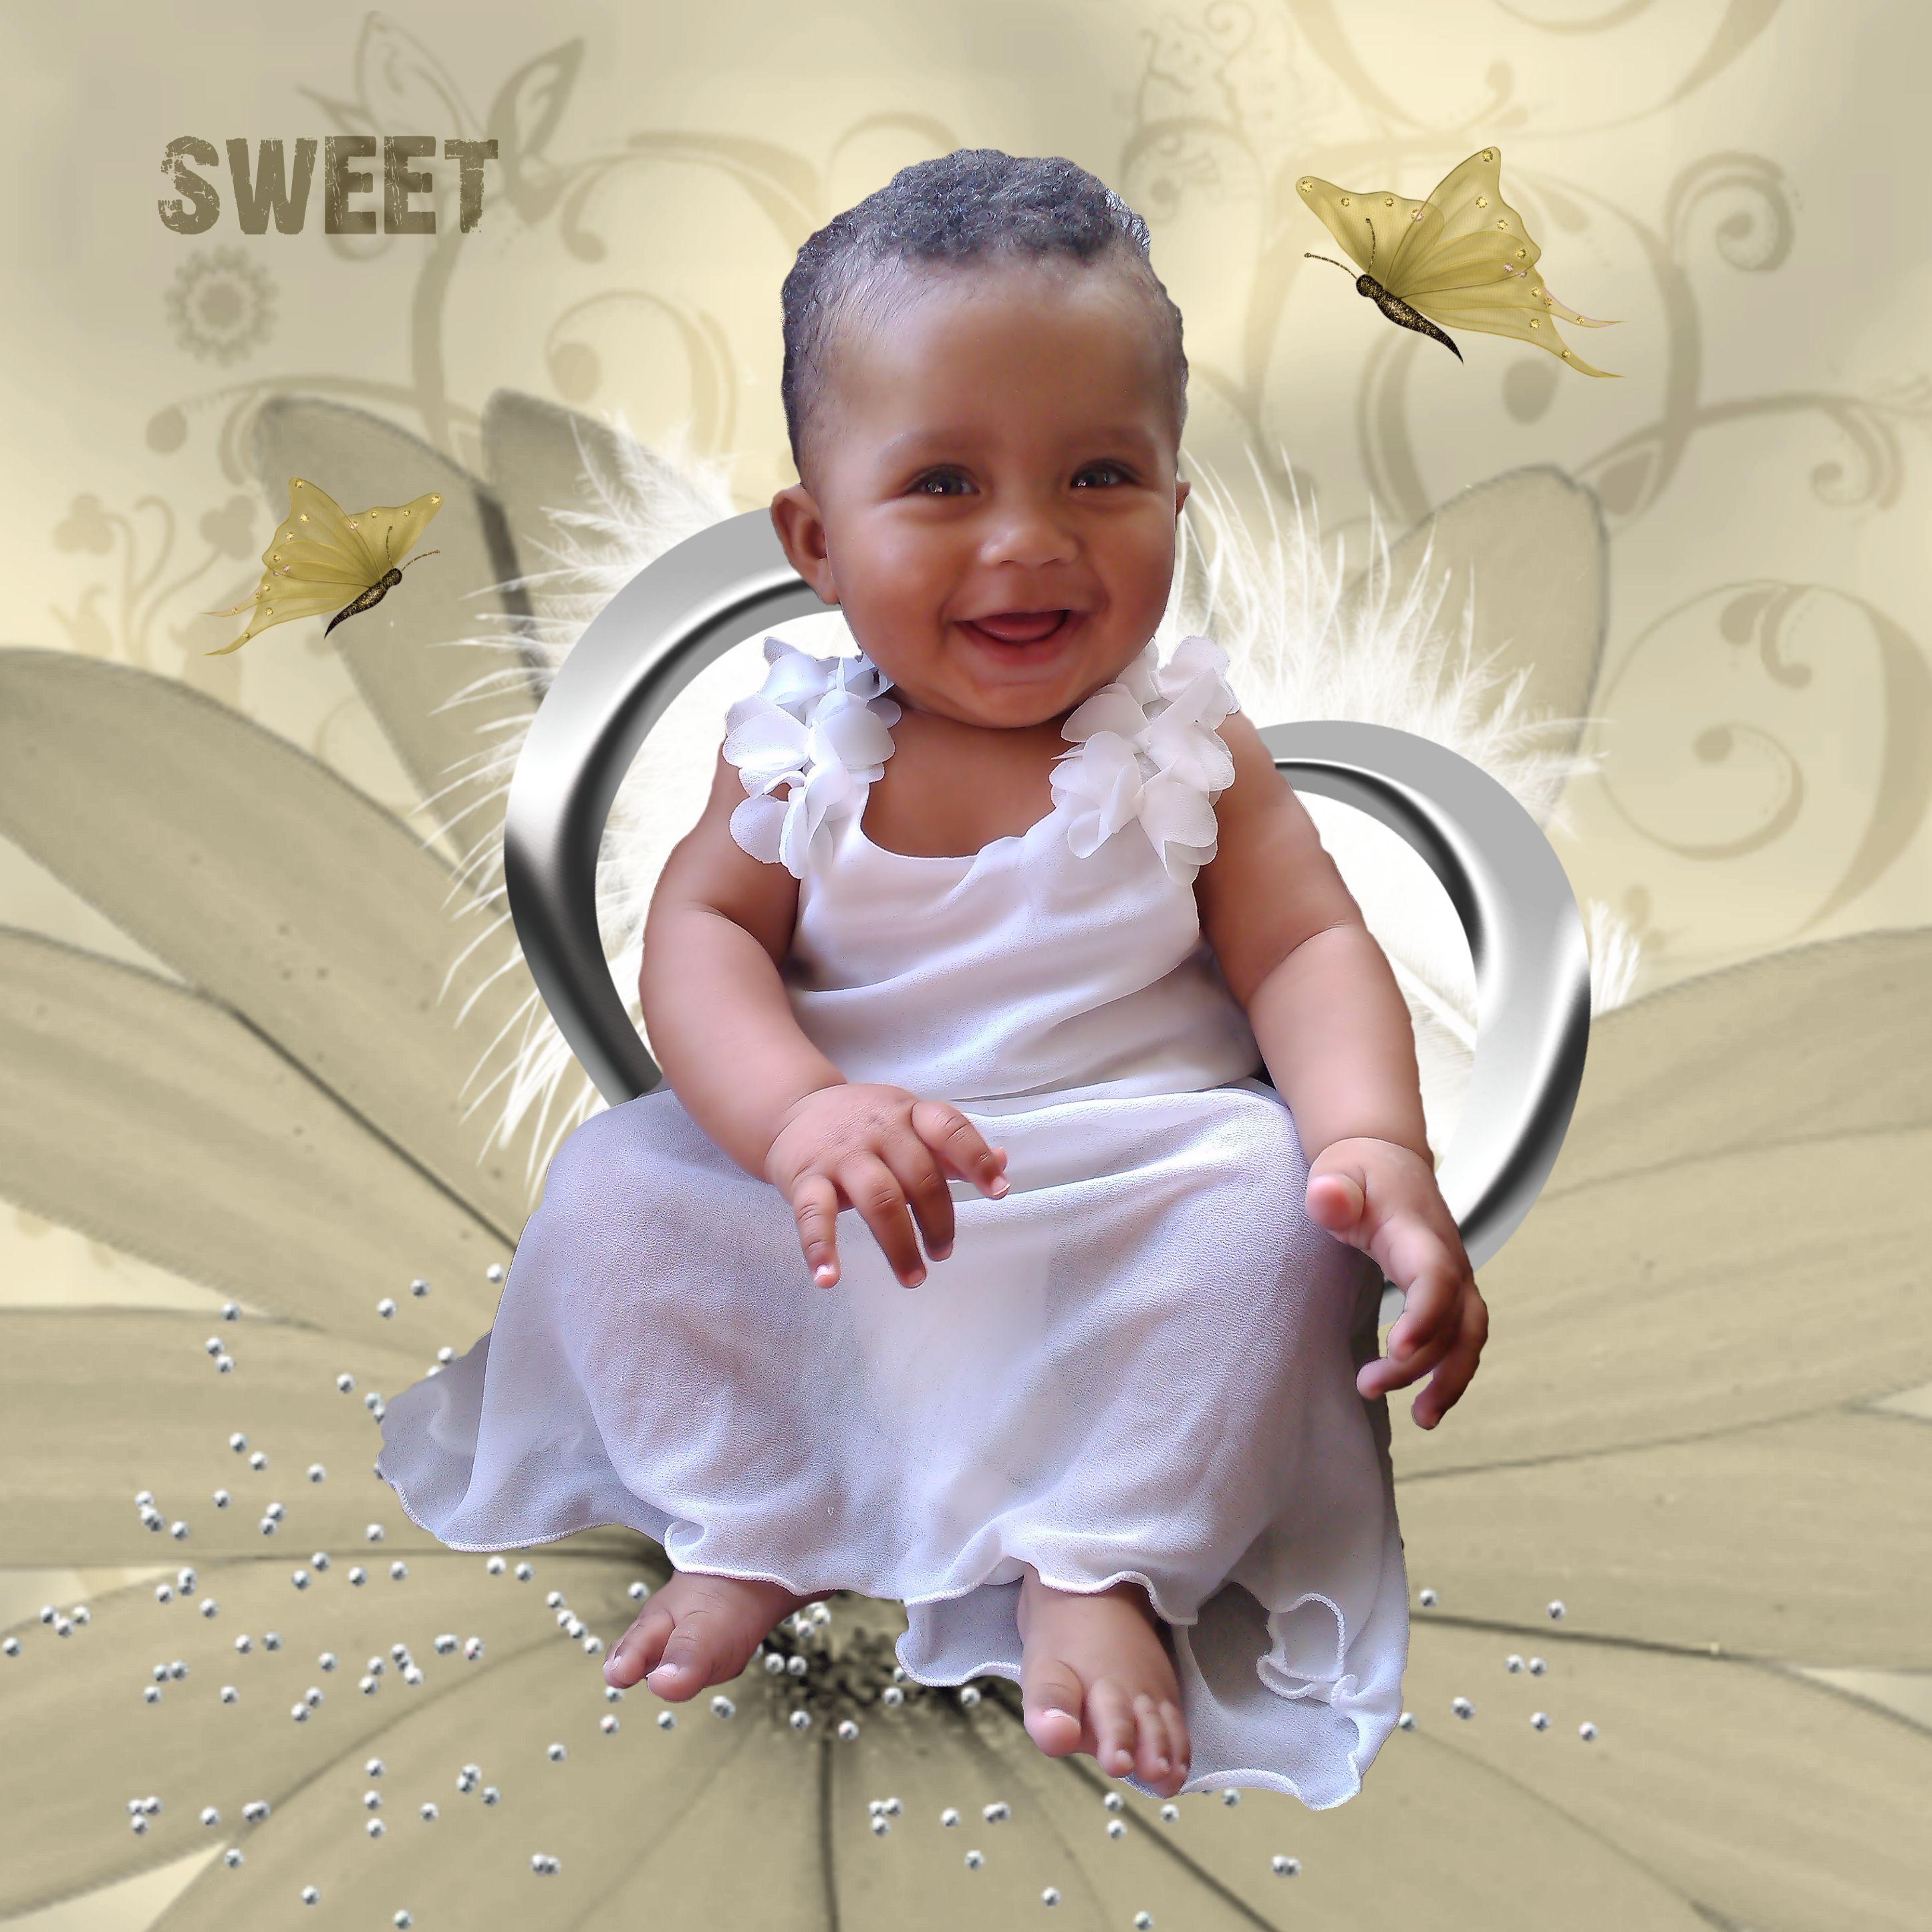 LK914 Mikayla Sweet